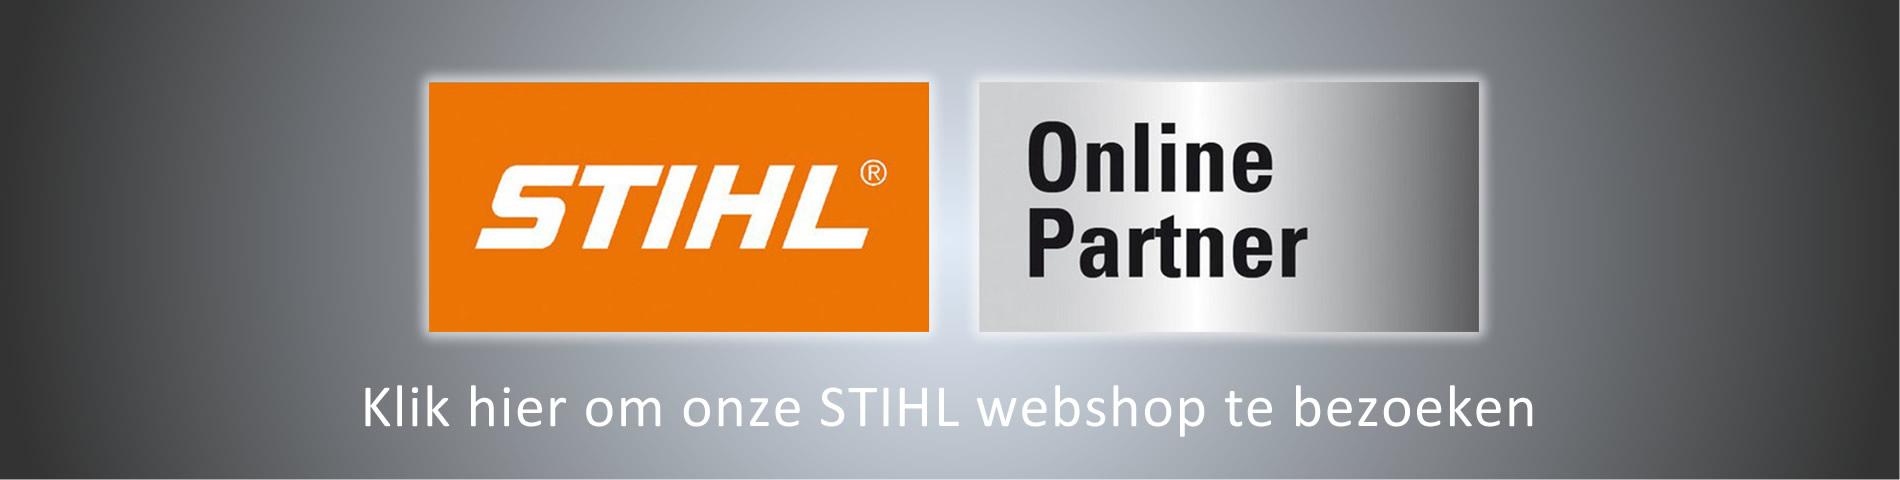 Groenmechanisatie Roubroeks - Klik hier om onze STIHL webshop te bezoeken